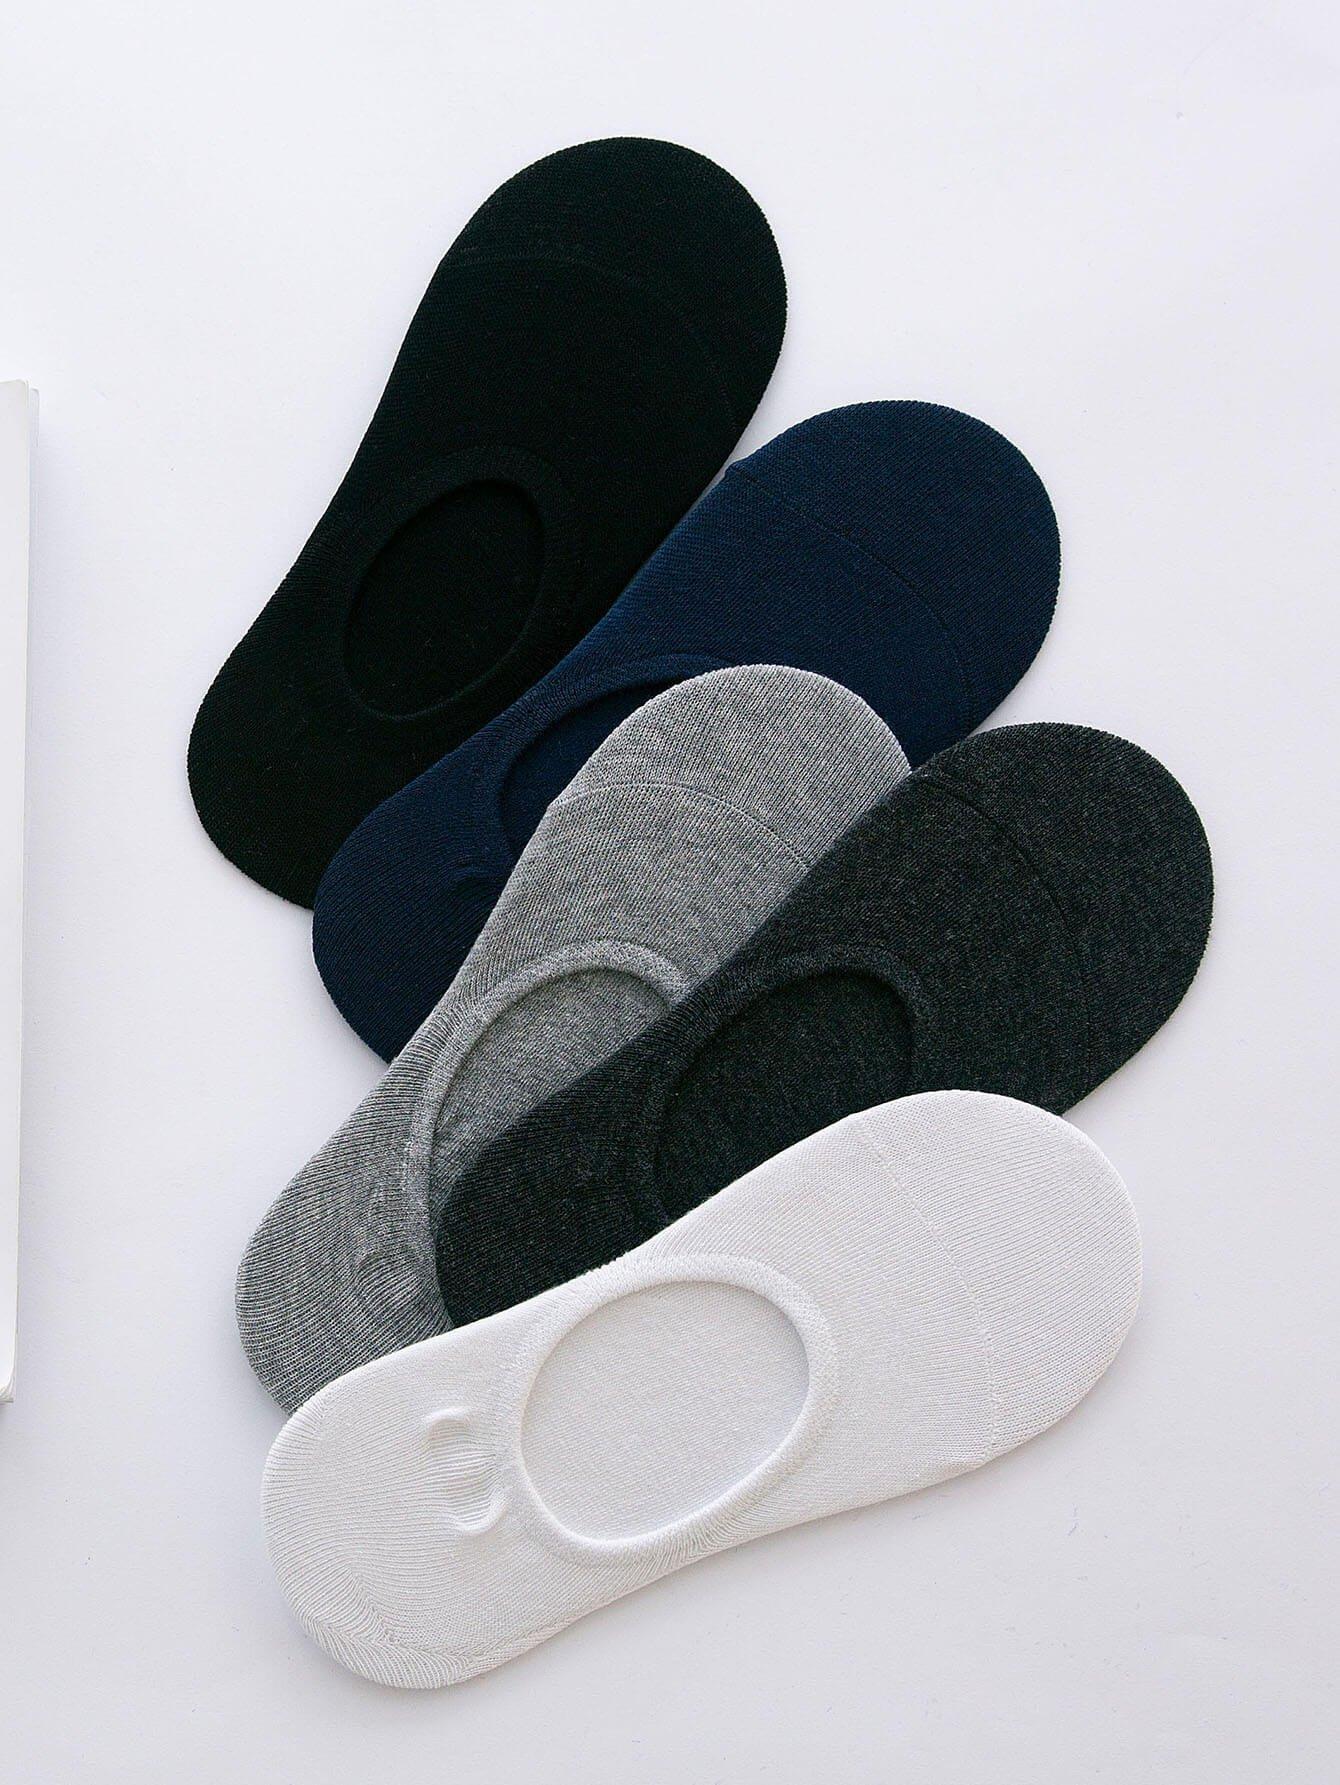 Простые невидимые носки 5пары